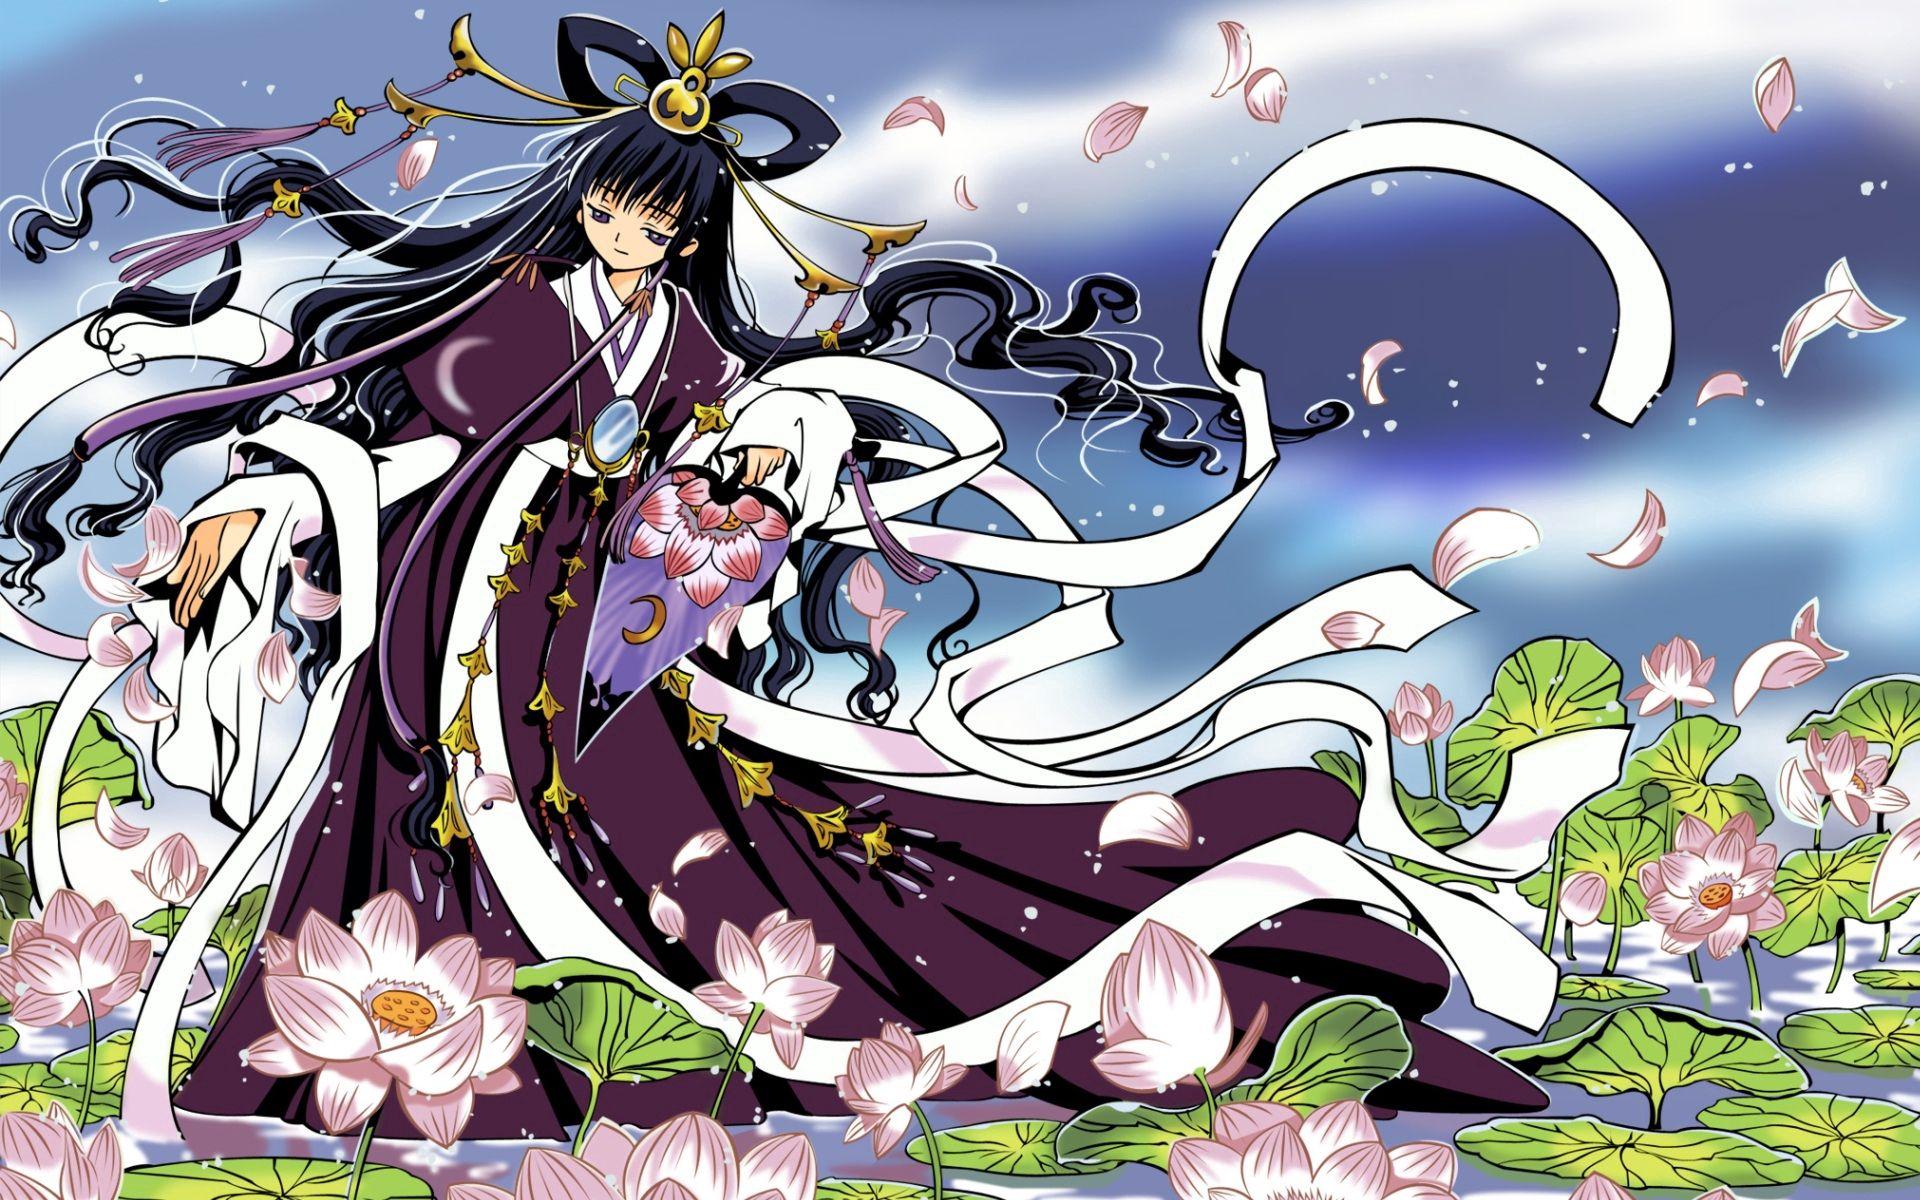 125232壁紙のダウンロード日本製アニメ, 女の子, 着物, ドレス-スクリーンセーバーと写真を無料で